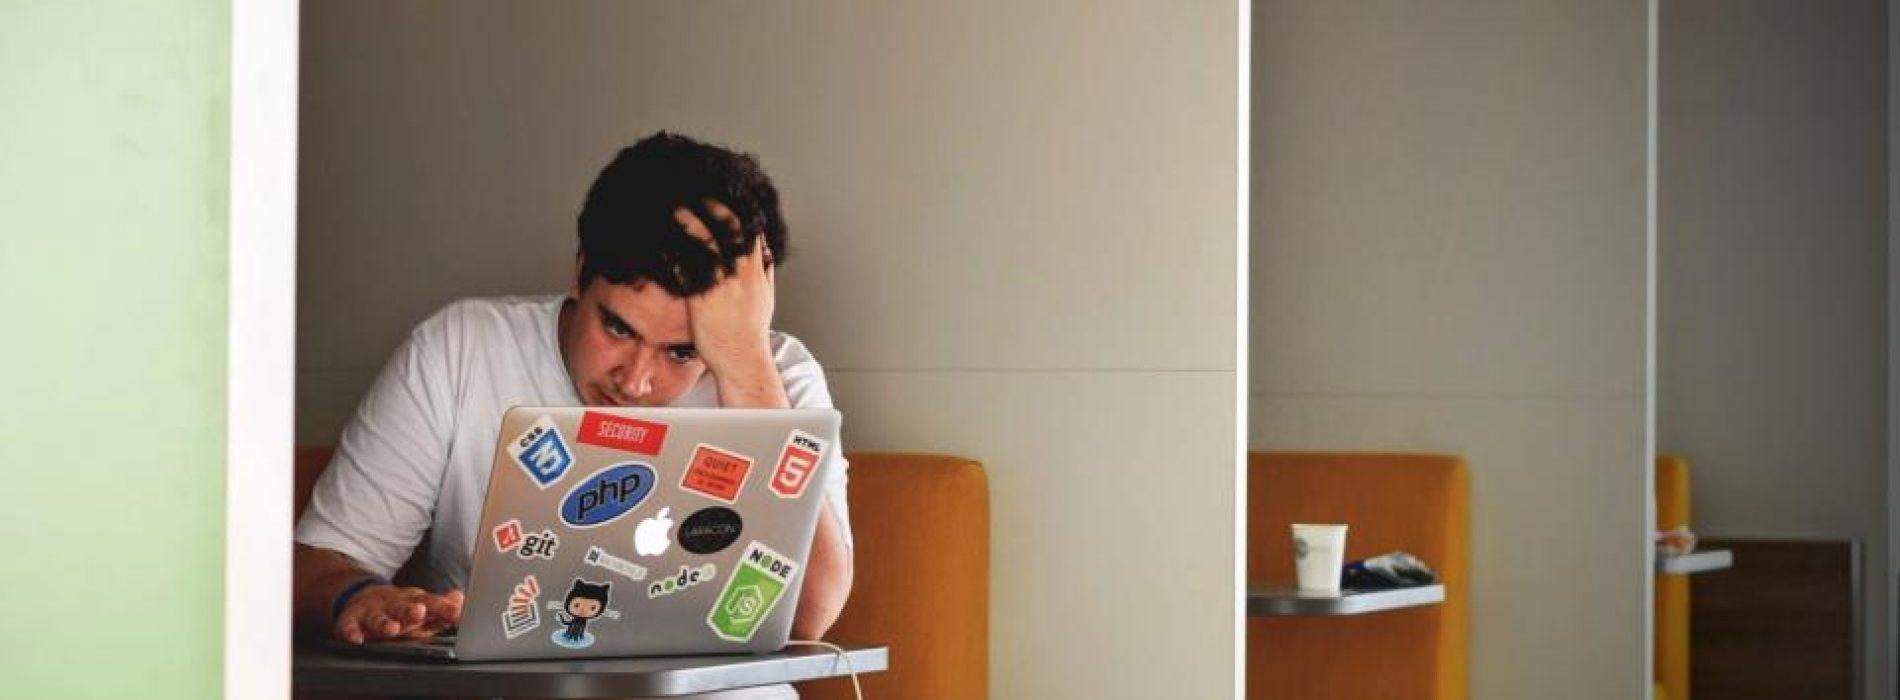 Как да се притесняваме по-малко: 90% от страховете ви са безпочвени